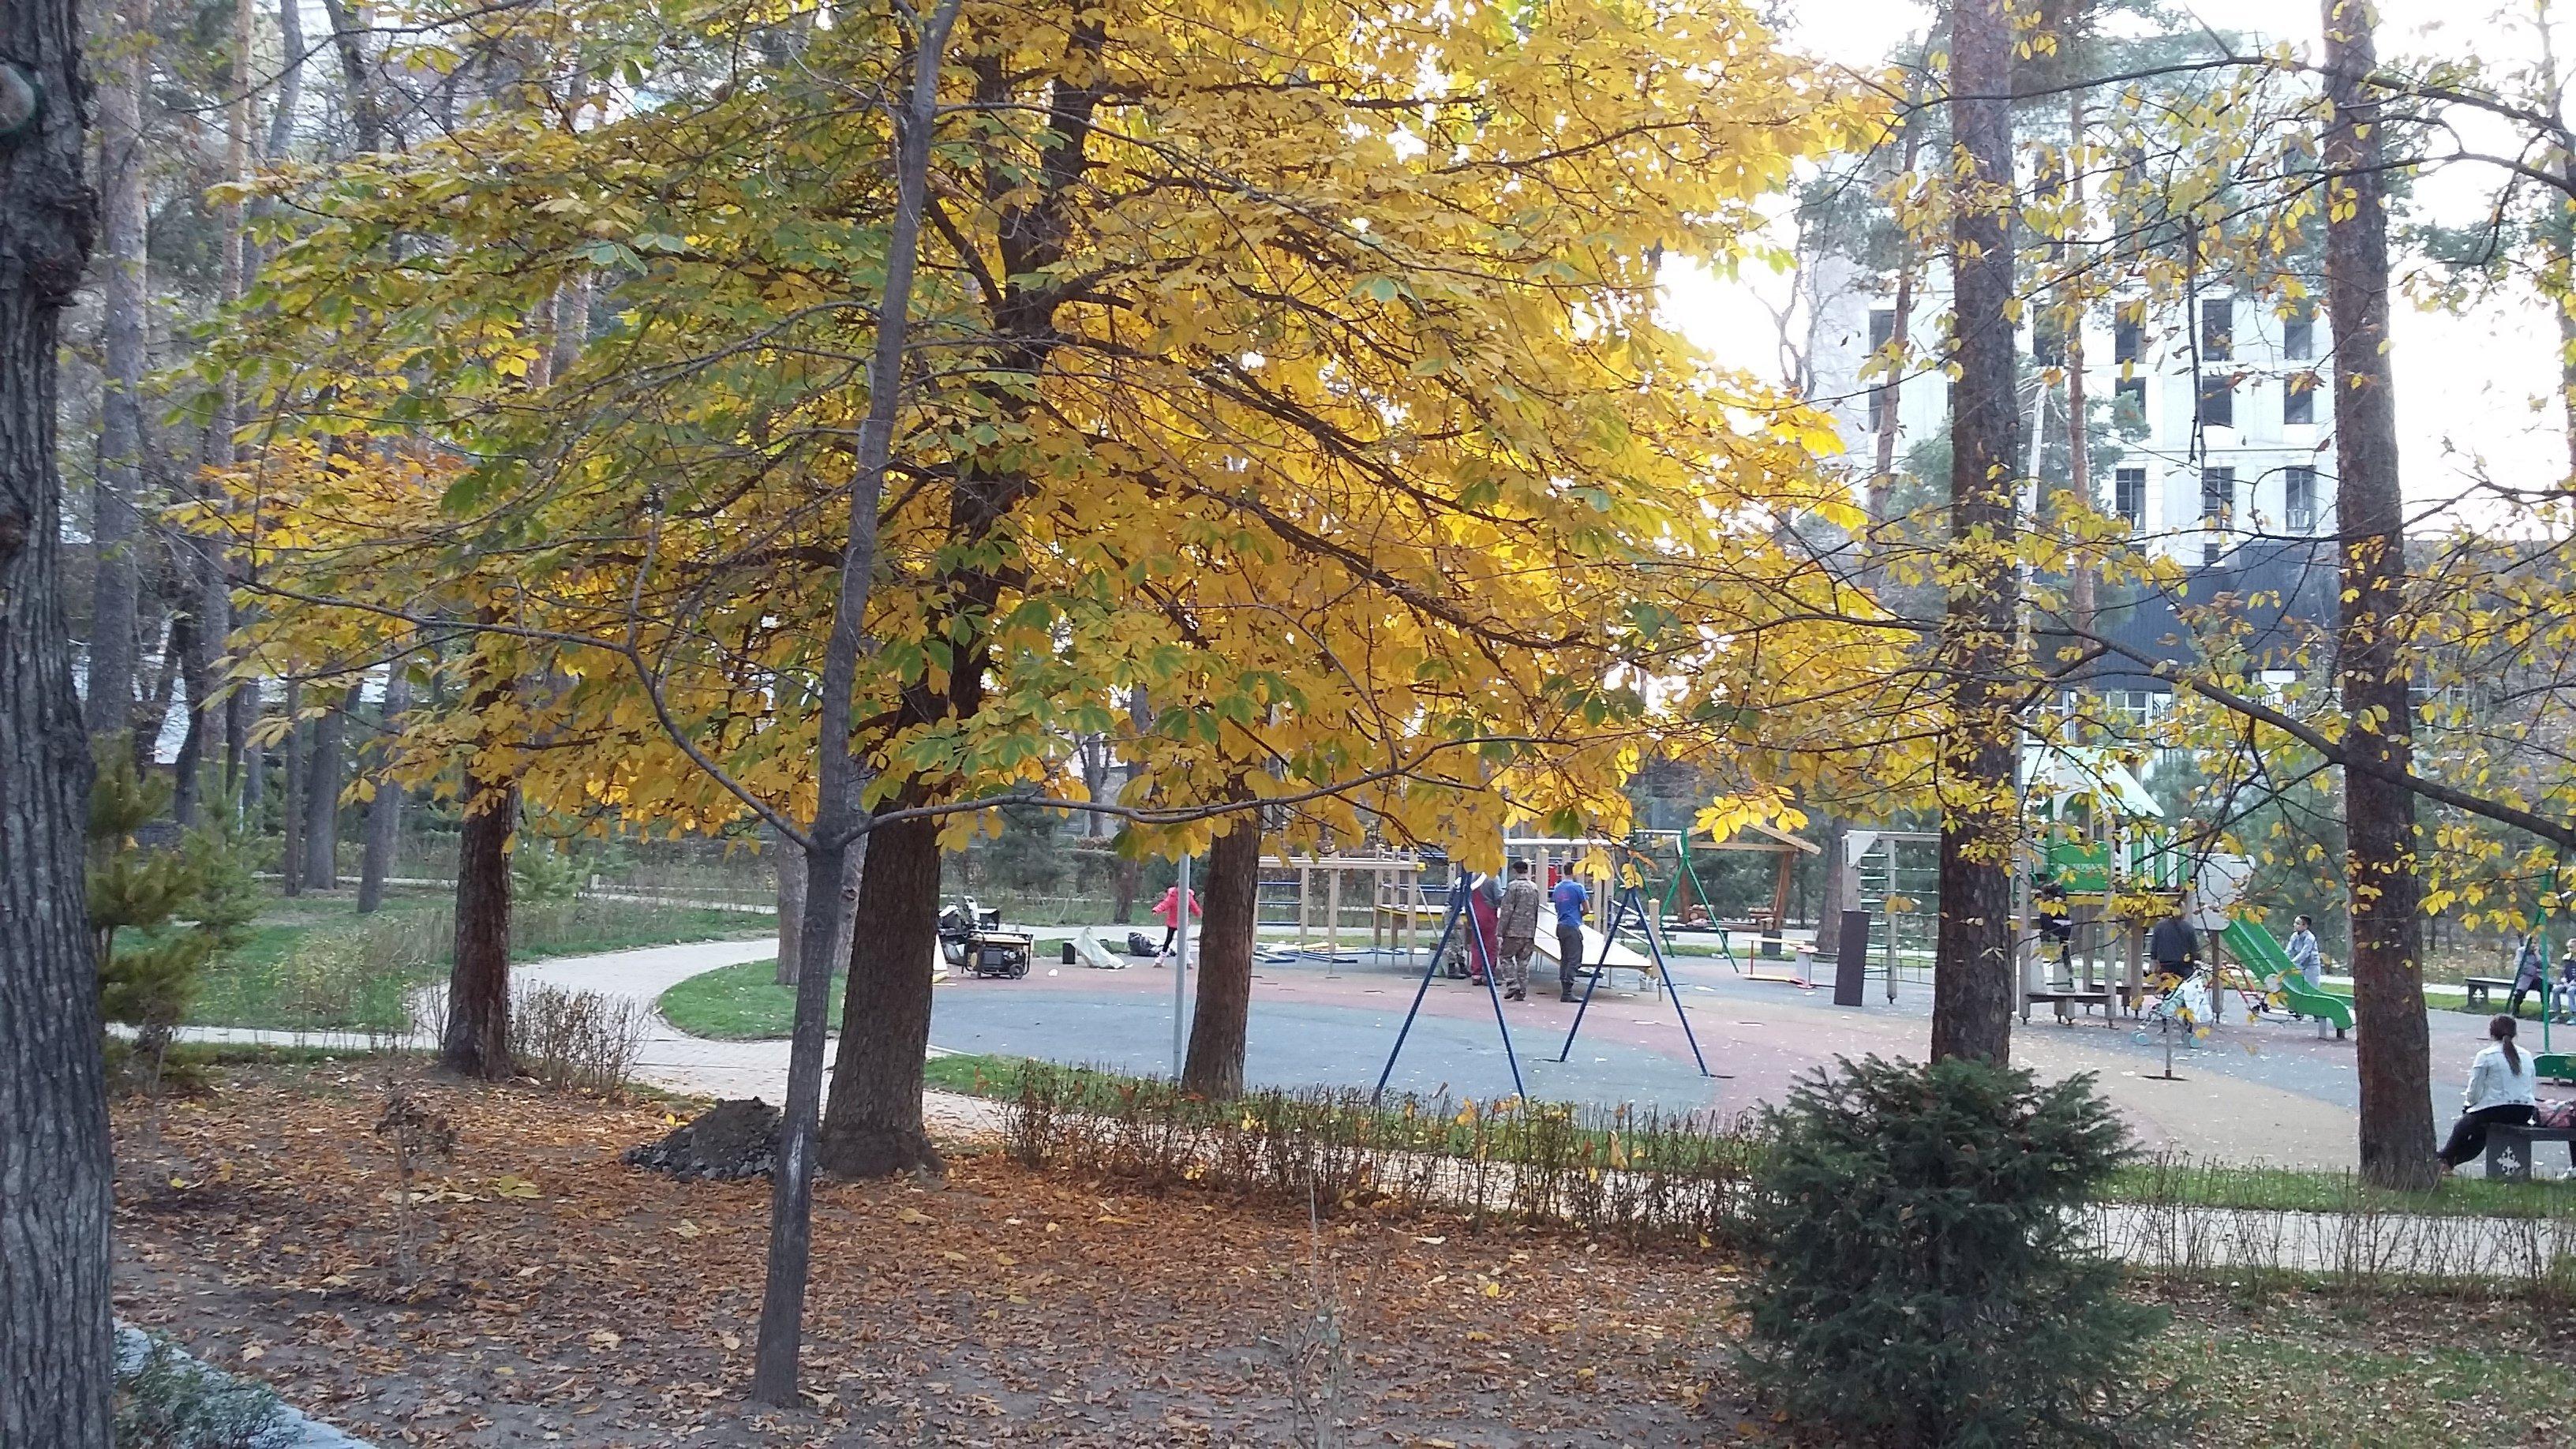 Площадка в Сосновом парке, где происходило действие в последнем эпизоде Факультета ненужных вещей